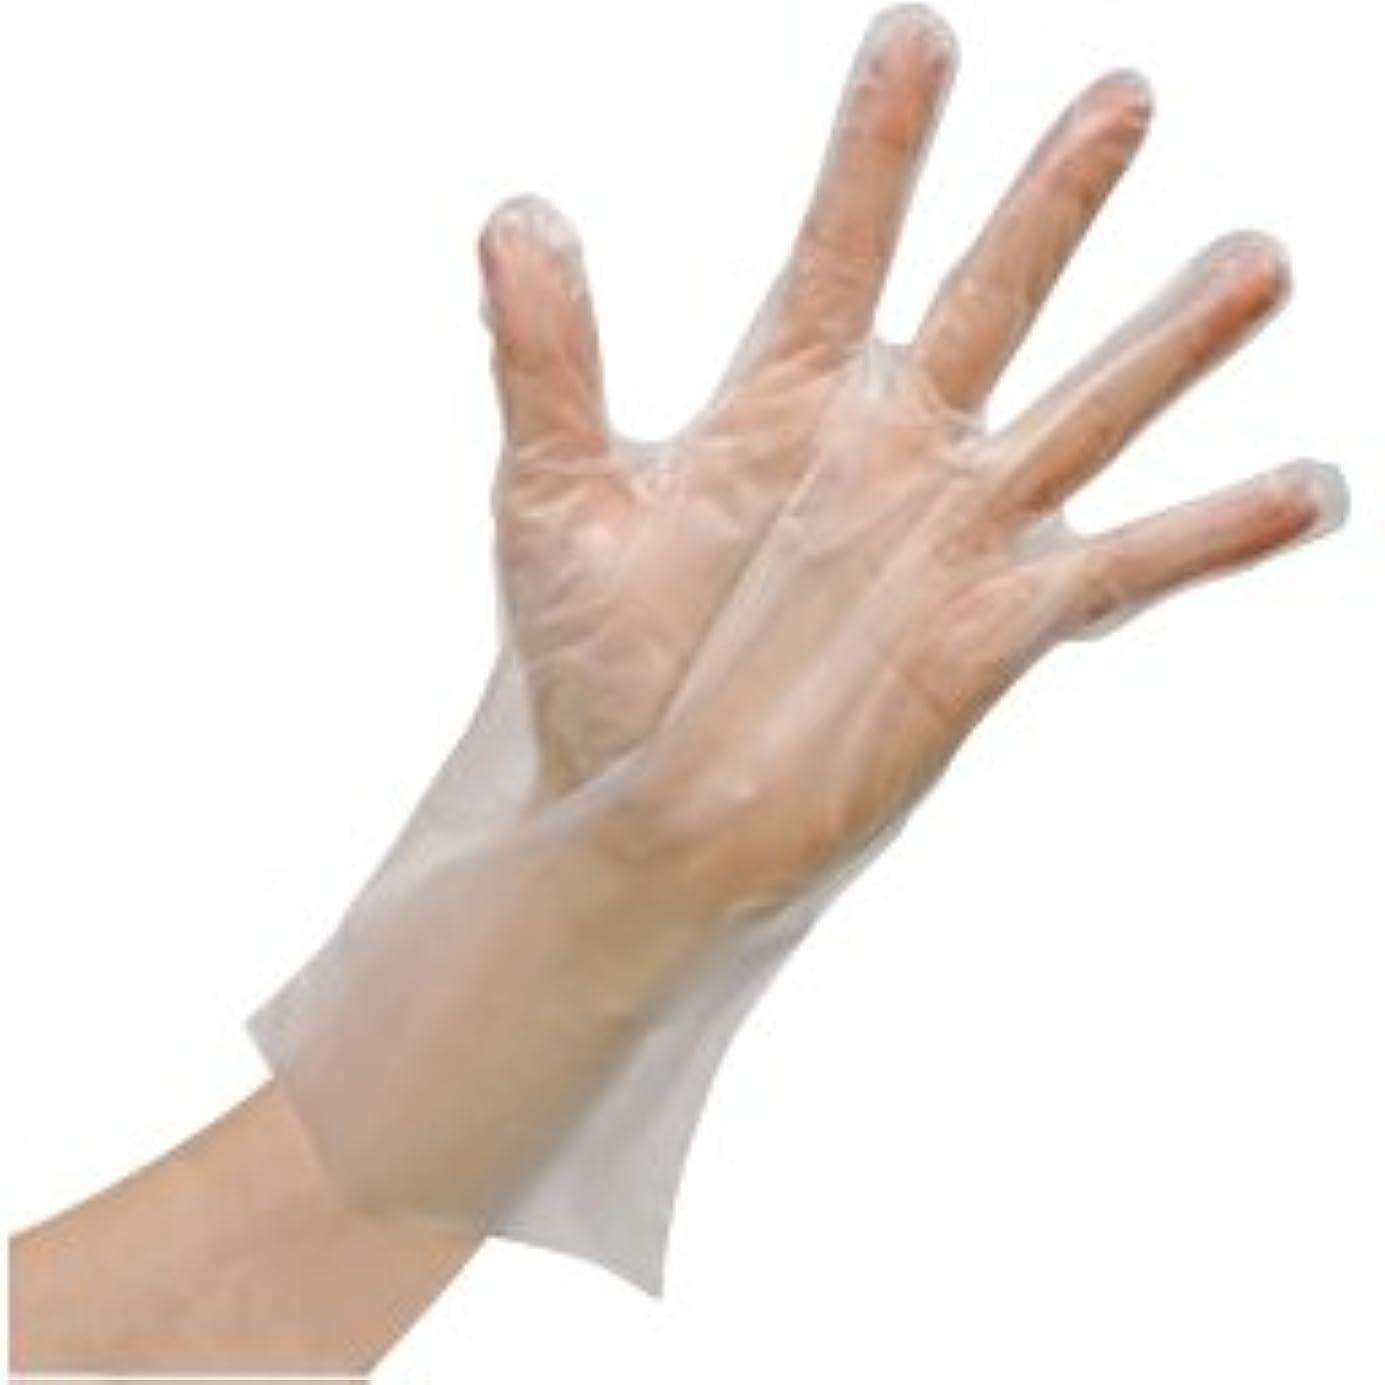 悪行同意請求使いきりLDポリエチレン手袋(箱) FR-5811(S)100???? ?????LD????????(??)(24-6743-00)【ファーストレイト】[60箱単位]